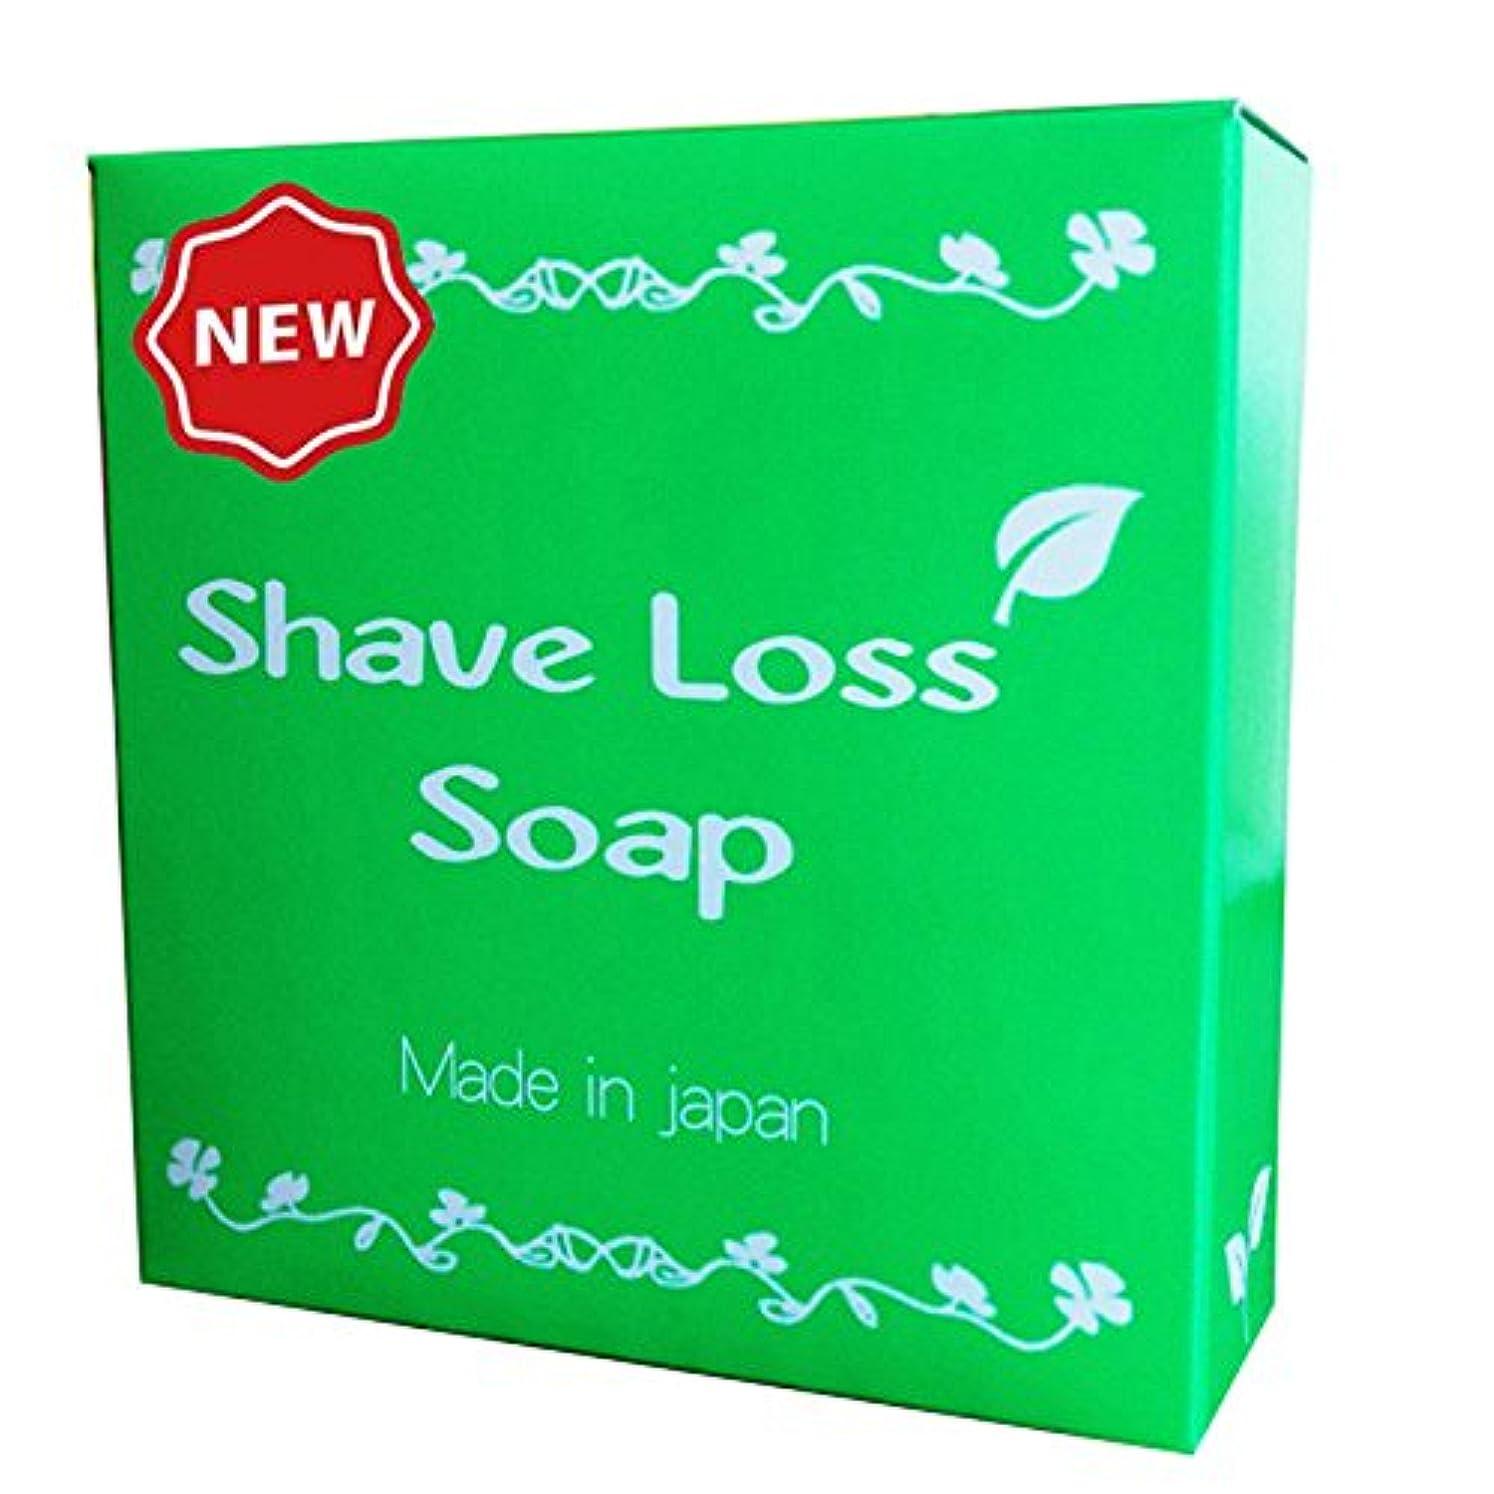 俳句長方形淡い【NEW】Shave Loss Soap 女性の願いを叶える 石鹸 80g 「ダイズ種子エキス」 「ラレアディバリカタエキス」大幅増量タイプ